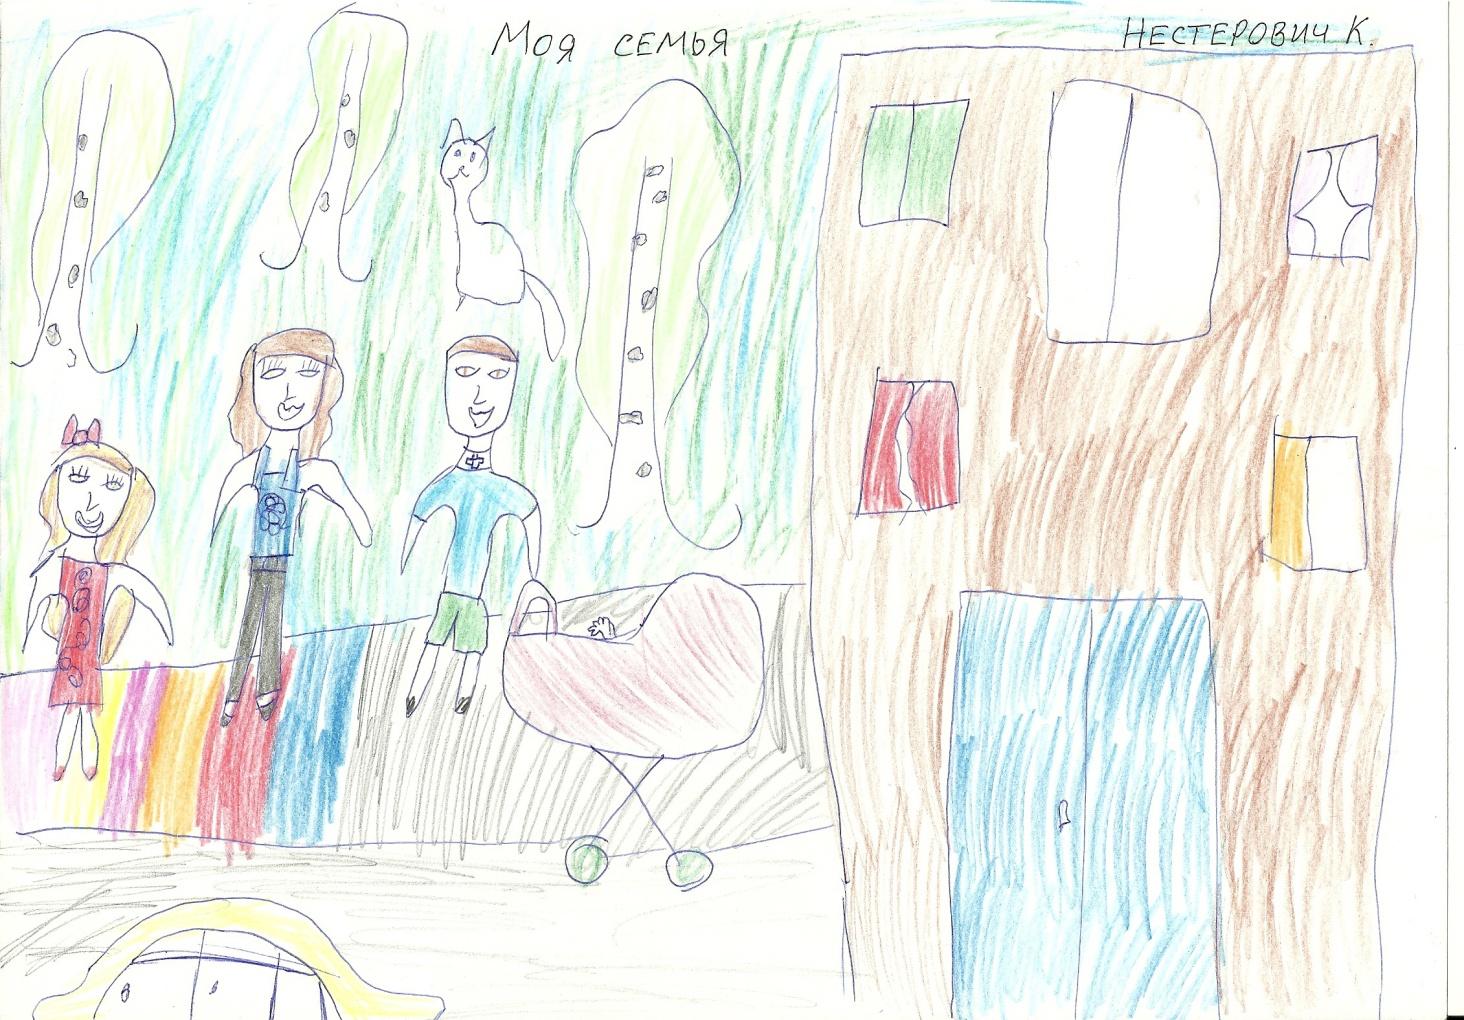 C:\Users\NecroS\Pictures\Мои сканированные изображения\2013-05 (май) Моя семья рисунки детей\сканирование0001.jpg